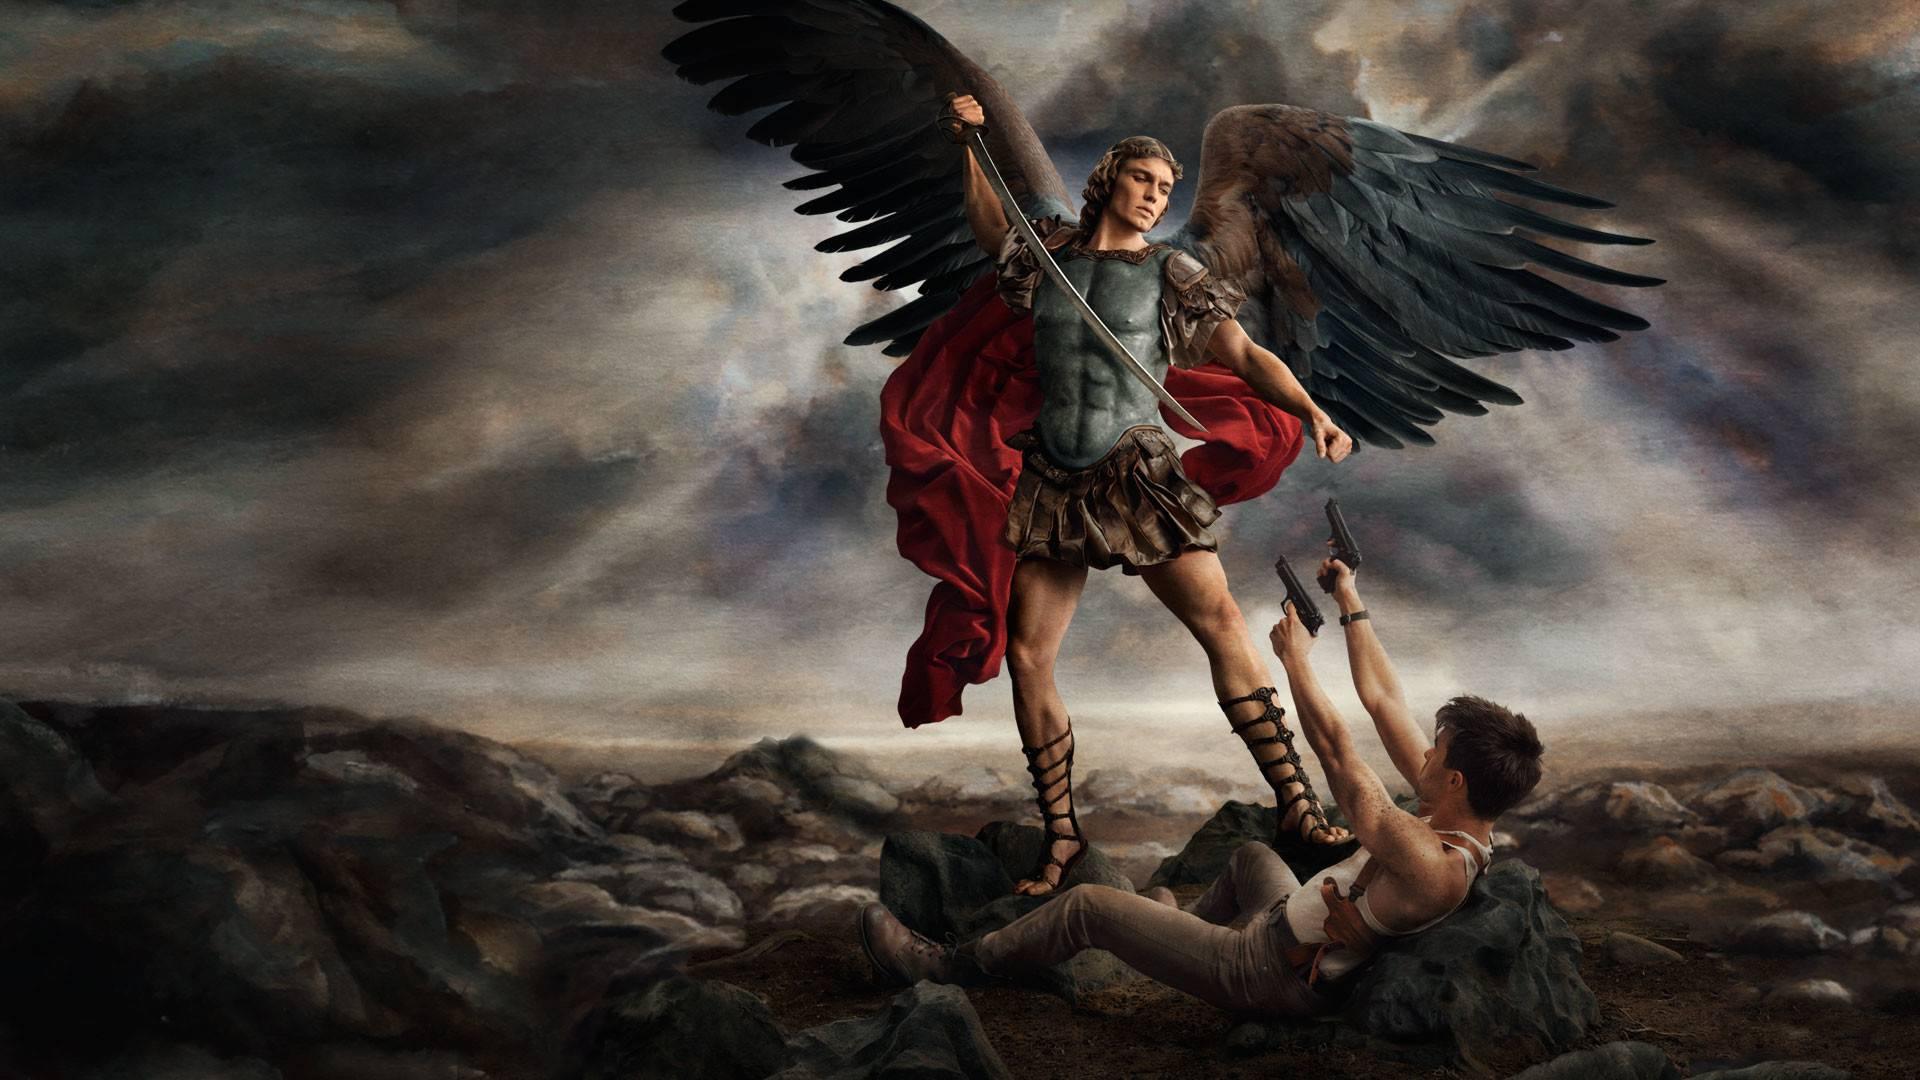 Люцифер и архангел михаил с новыми известиями · ♥ · галактический союз сил света